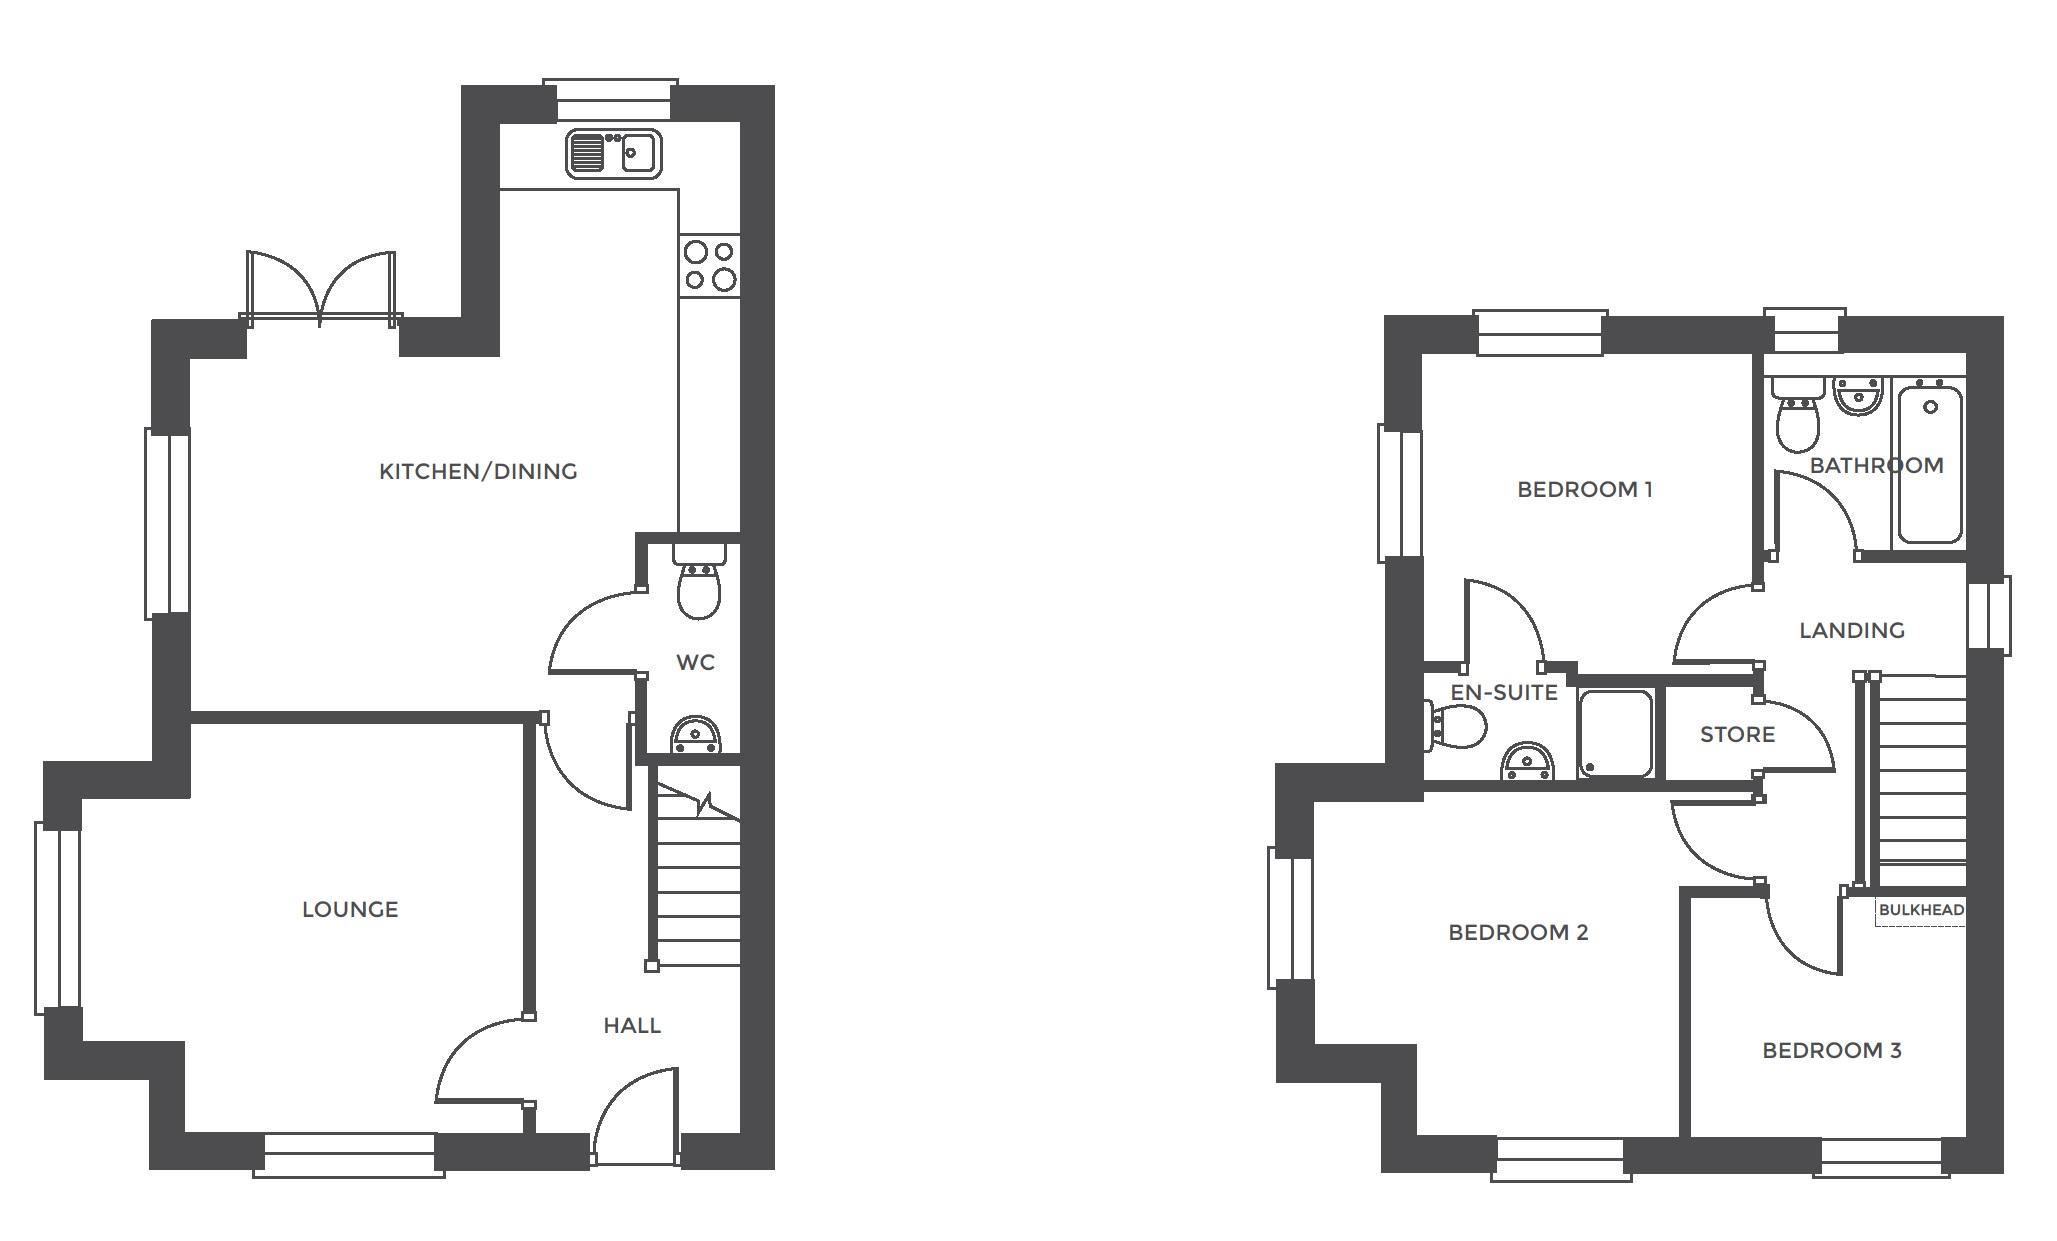 Repington Walk, Plot 3 floor plan